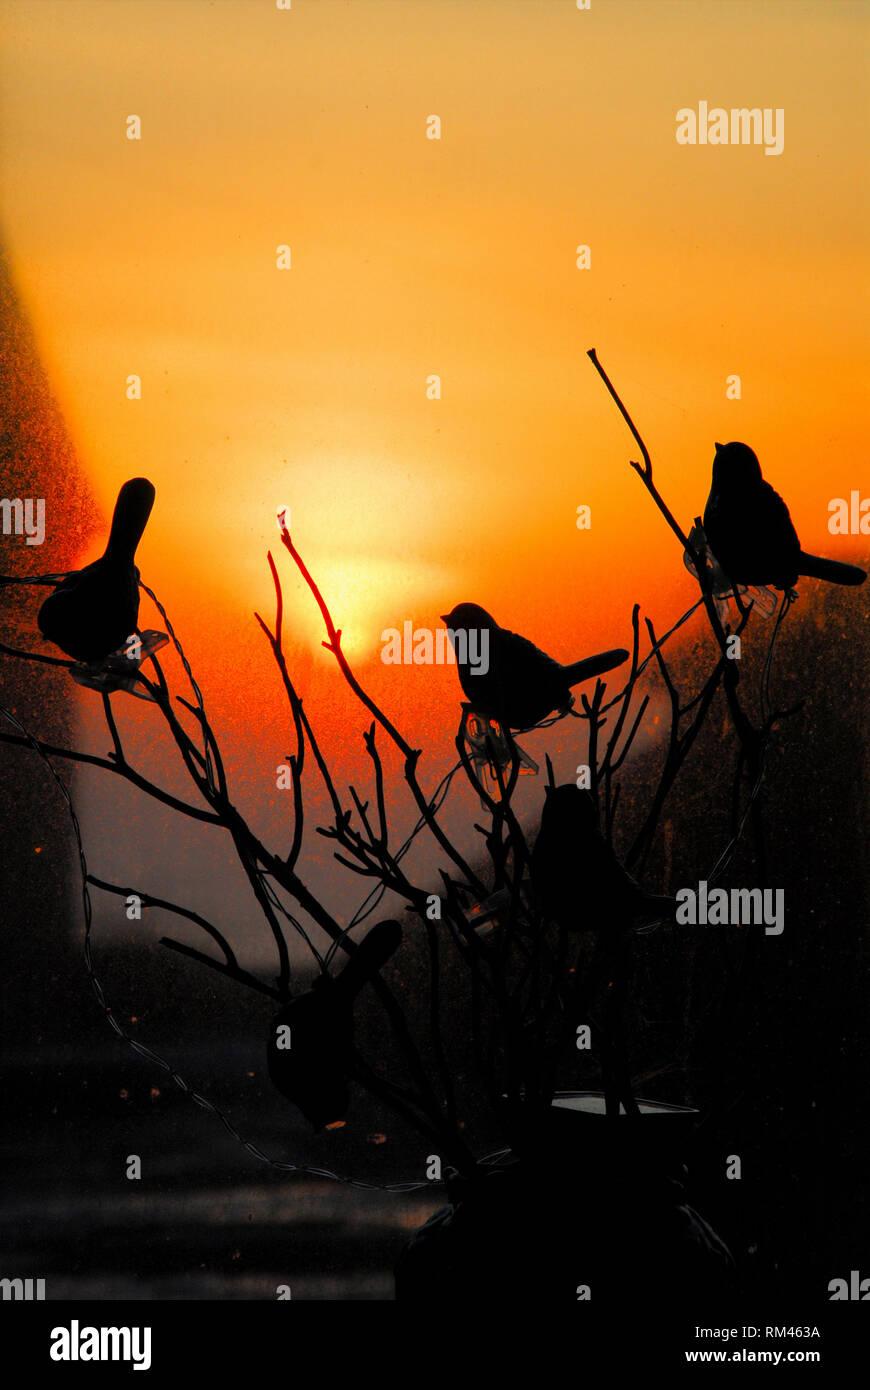 """Fortuneswell, isola di Portland. Il 13 febbraio 2019. """"Jenny' wrens raccogliere al tramonto sull'isola di Portland, su uno dei primi giorni di avere una vera e propria sensazione di primavera su di esso. Si tratta di un suggestivo scenario . . . Anche se il """"wrens' sono effettivamente luci da giardino. Credito: stuart fretwell/Alamy Live News Immagini Stock"""